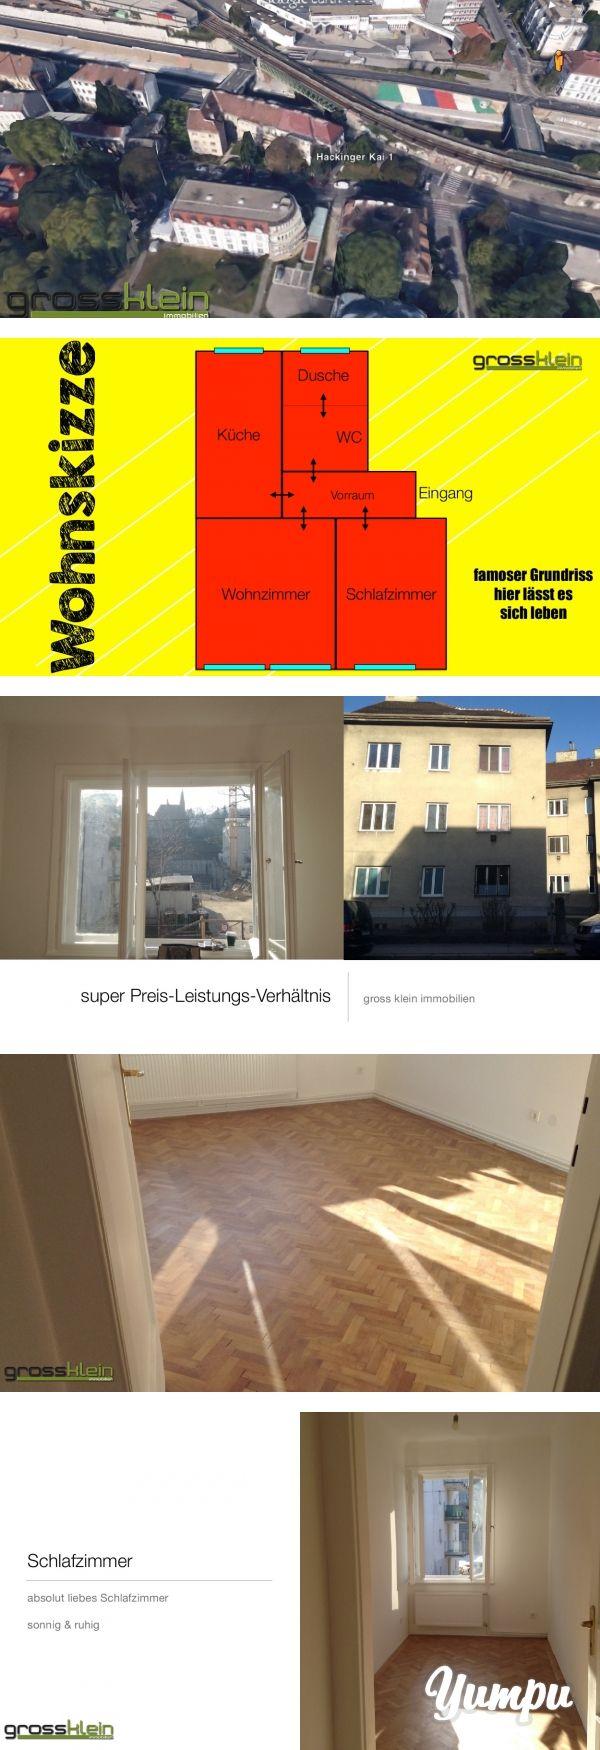 1130 - unglaublich Wohnung - 450 Euro Bruttomiete - zwei Zimmer - sehr sonnig - Magazine with 16 pages: Glücklich ist... der die Wohnung nimmt Tolles Preisleistungsverhältnis   Zwei(2)-Zimmerwohnung in ausgezeichneter Lage!    Die Wohnung liegt im ersten Stock (ohne Lift) und zeichnet sich nicht nur durch seine ausgezeichnete Lage aus , sondern auch durch seinen äusserst praktikablen GRUNDRISS aus, der folgende Räume bietet.   :-) Vorzimmer - alle Räume sind zentral zu begehen :-)…